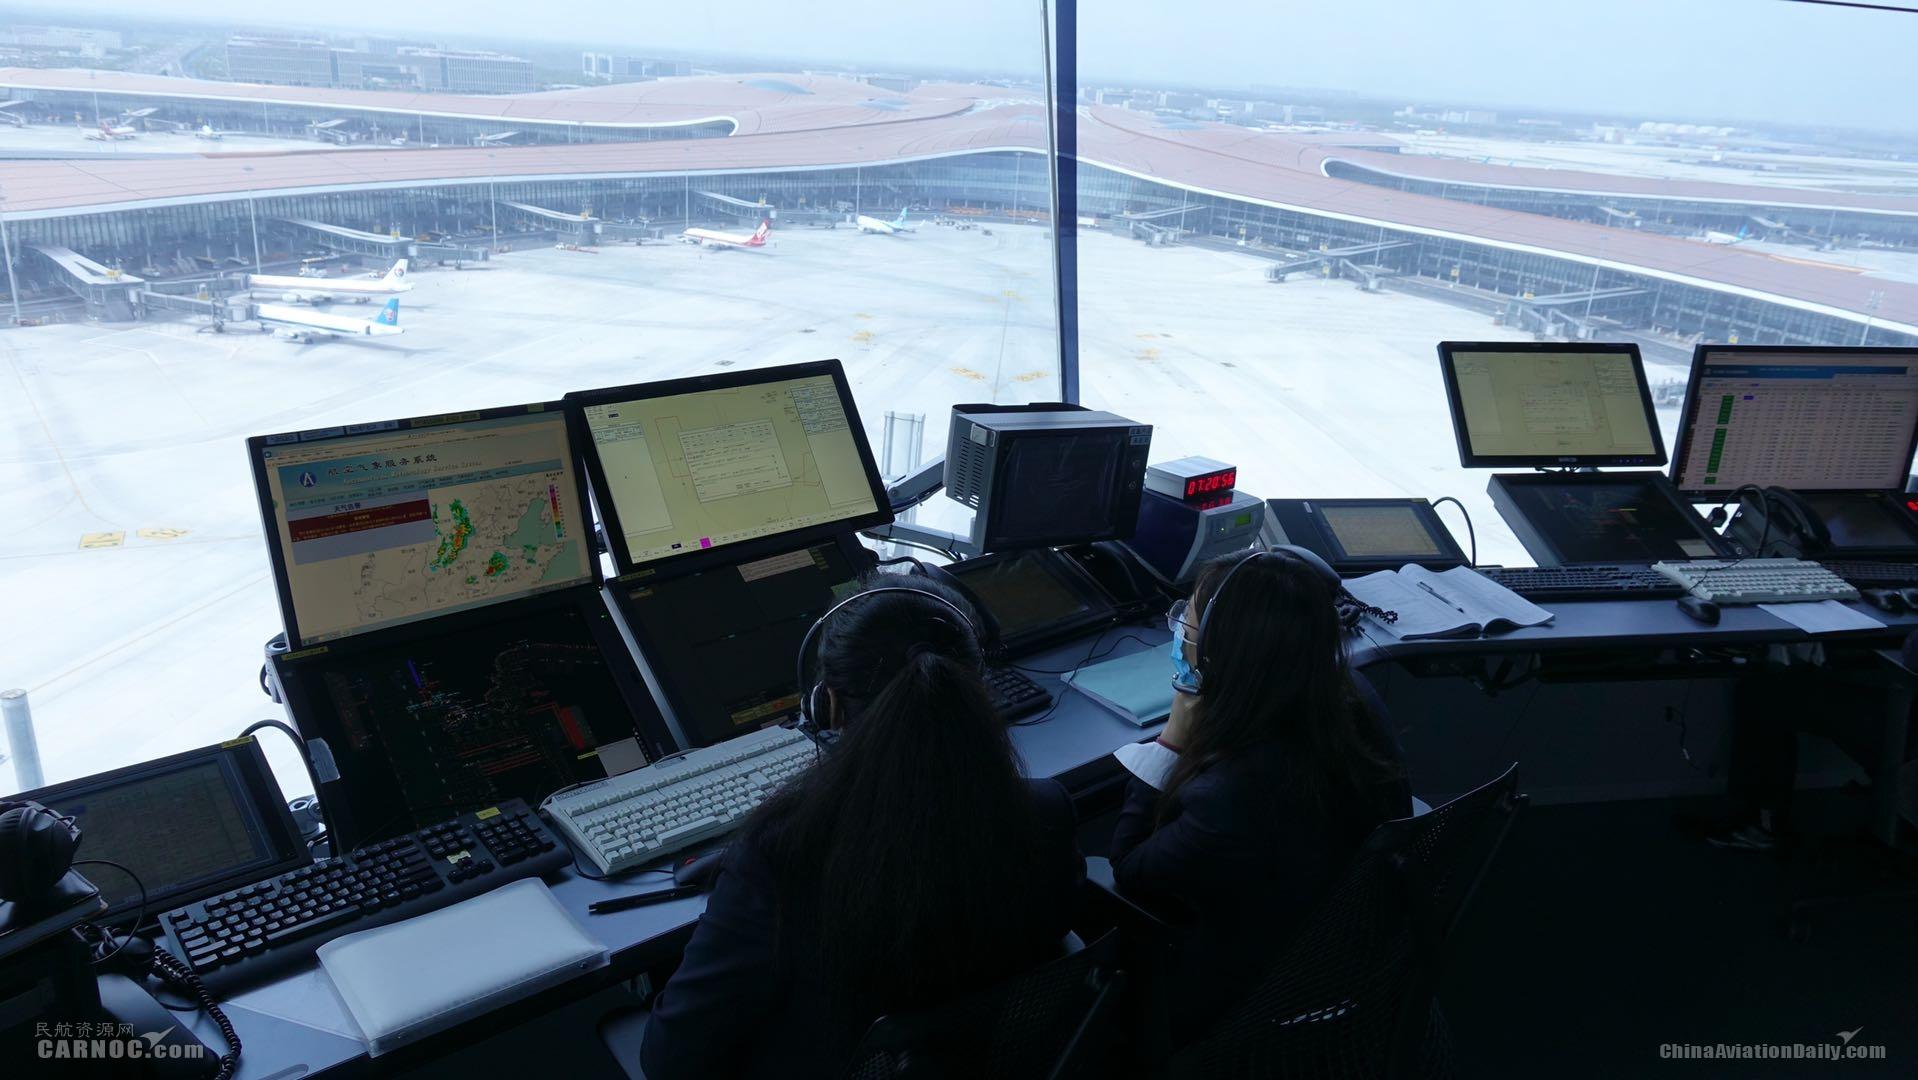 大兴机场航班迎来小幅增长 华北空管全力做好保障